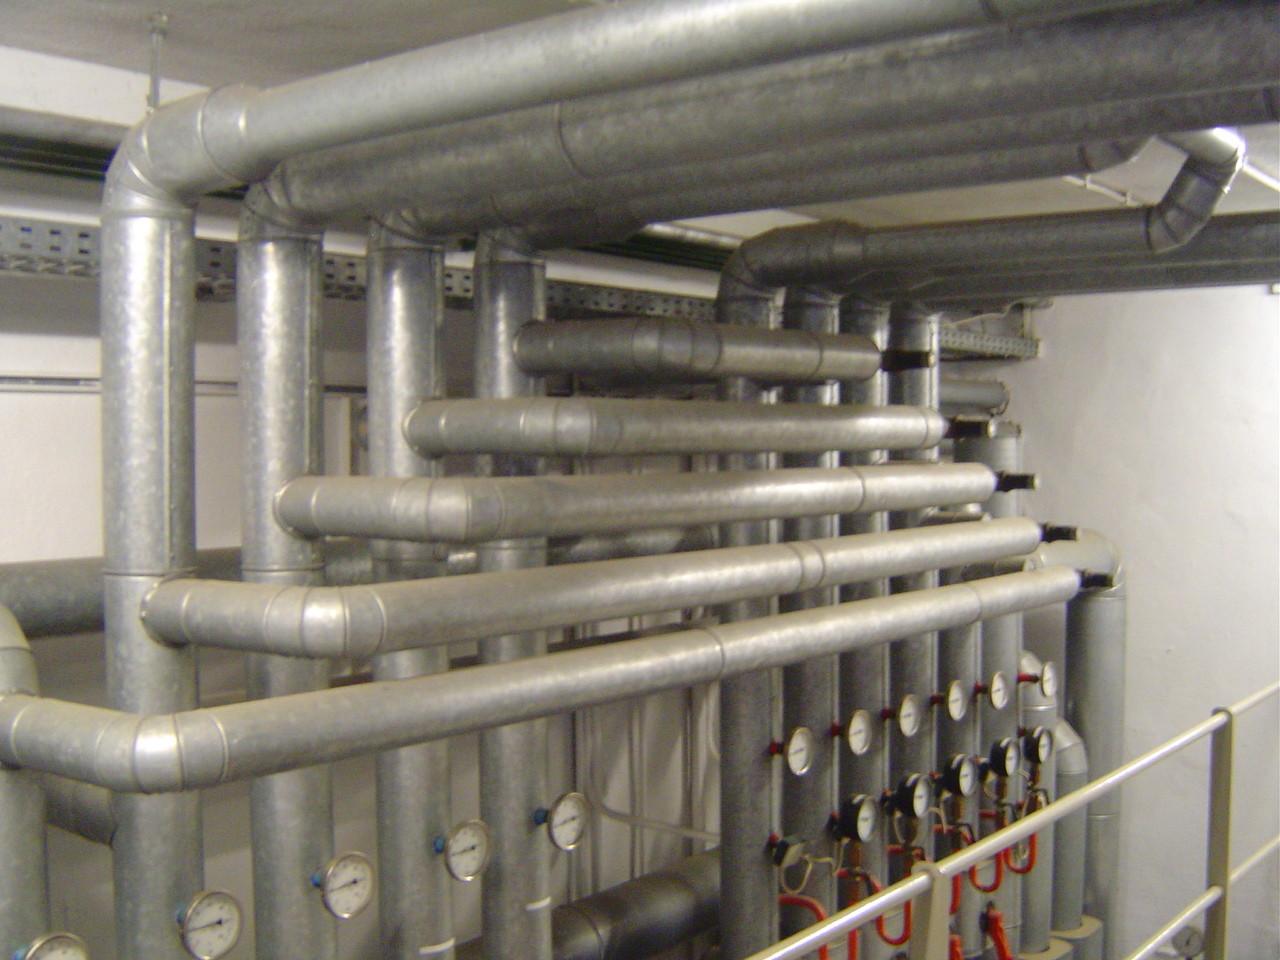 LINDENTHAL Umweltdienstleistungen: KMF - Isolierung (sog. WHO-Fasern) in Heizungsrohren